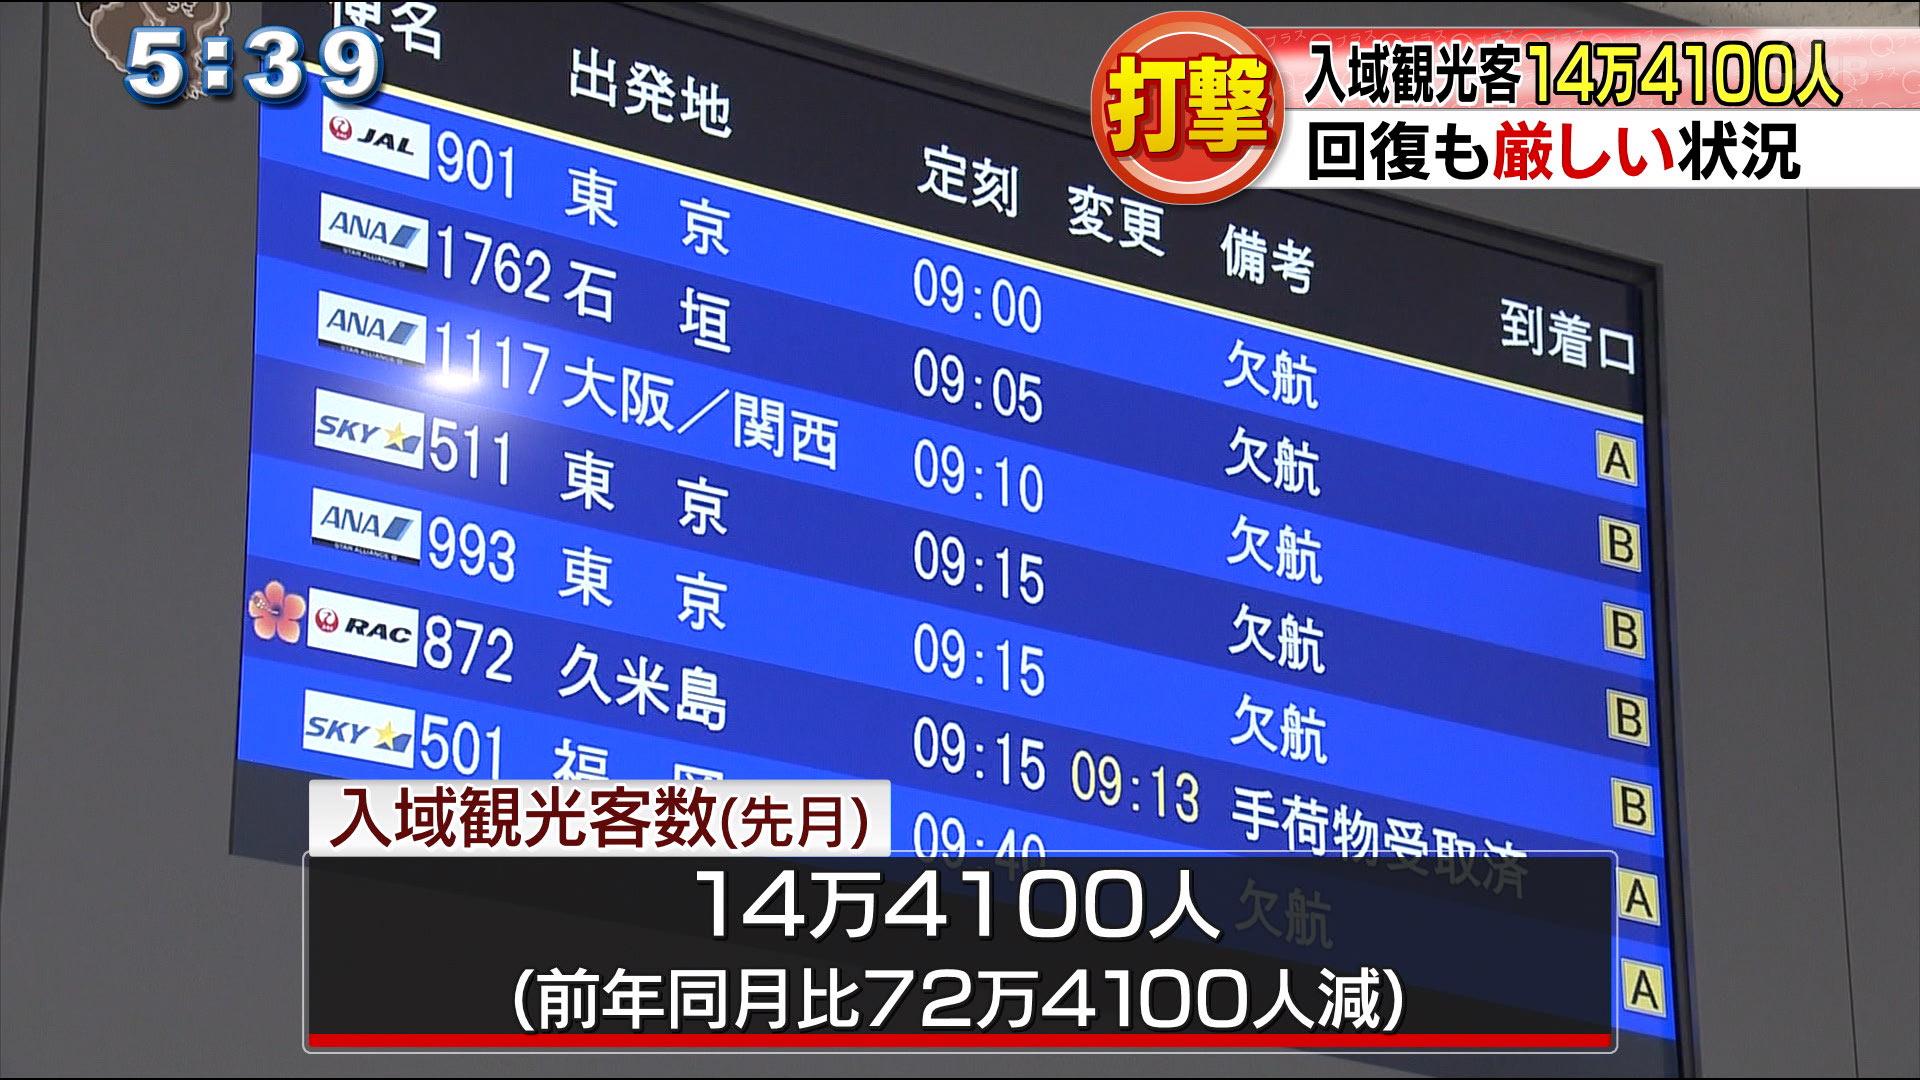 入域観光客数14万4100人